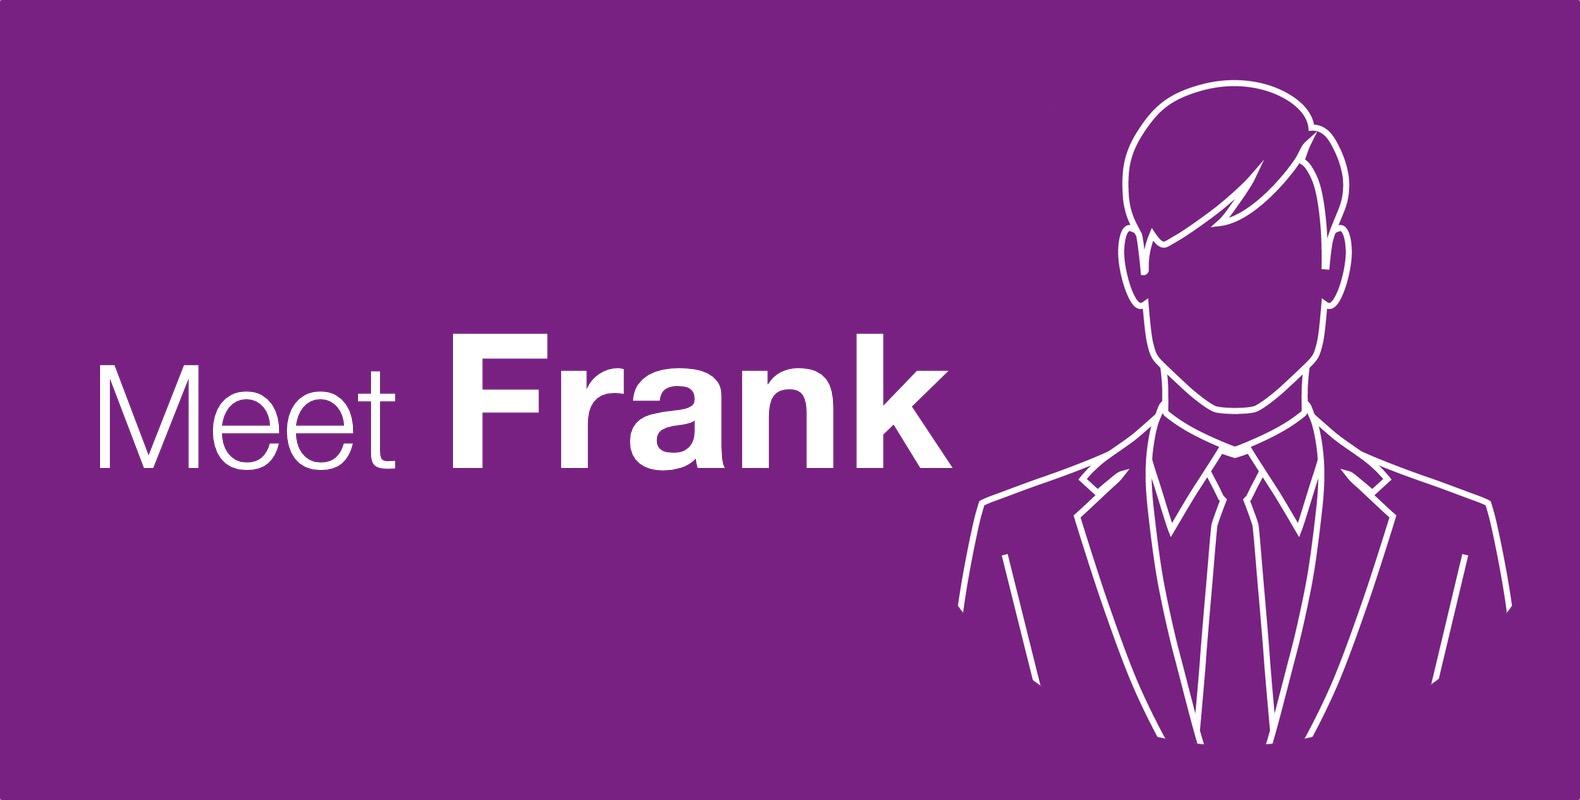 meet_frank.jpg